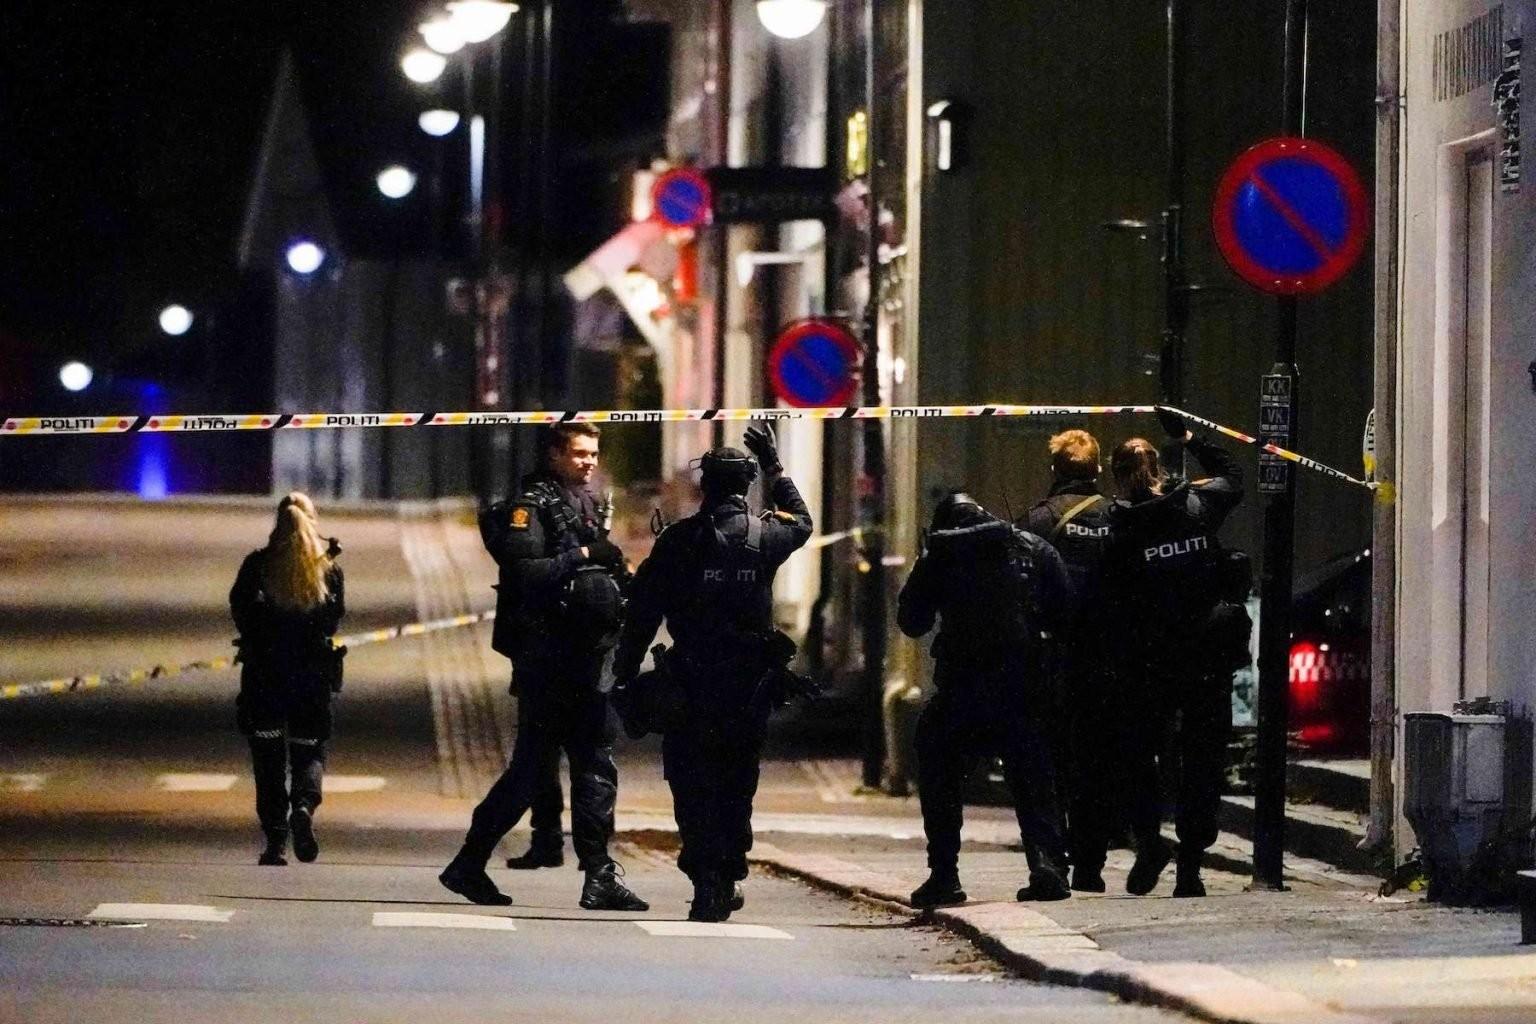 قوات شرطة نرويجية في مكان الهجوم 2